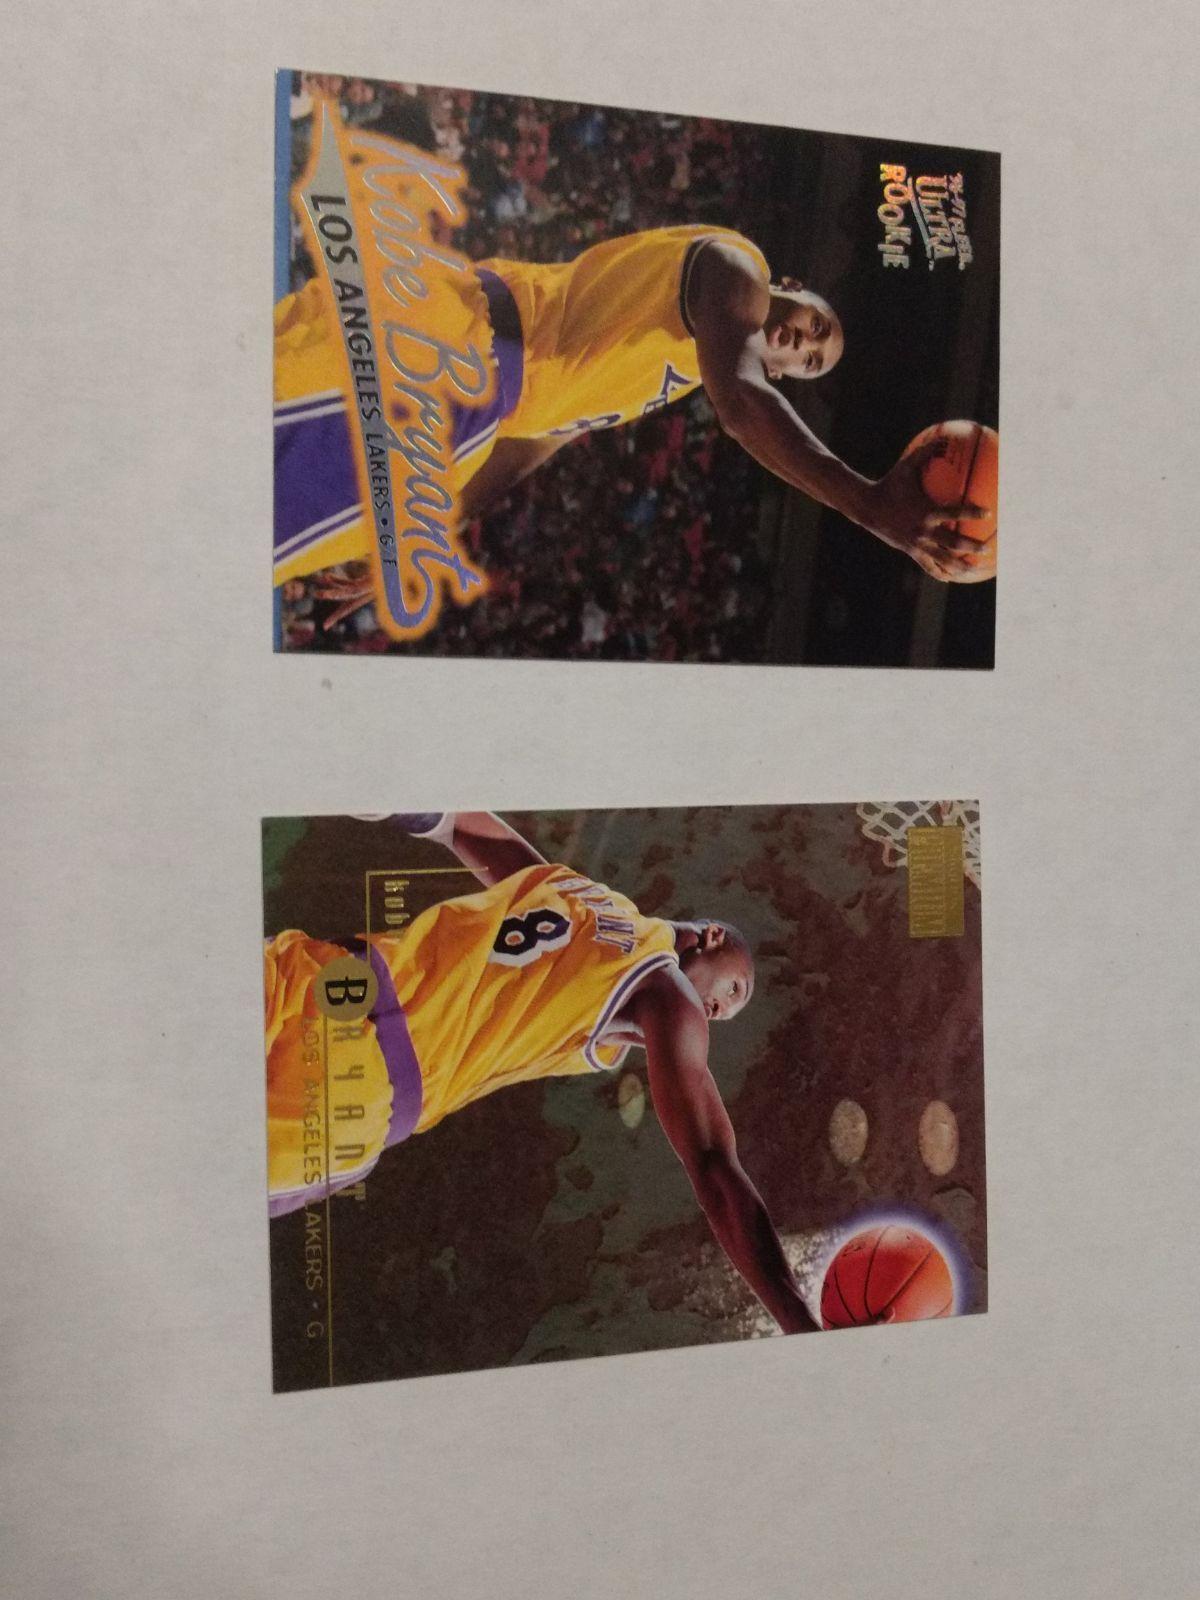 96 Fleer and Skybox Premium Kobe Bryant rookie cards. Both